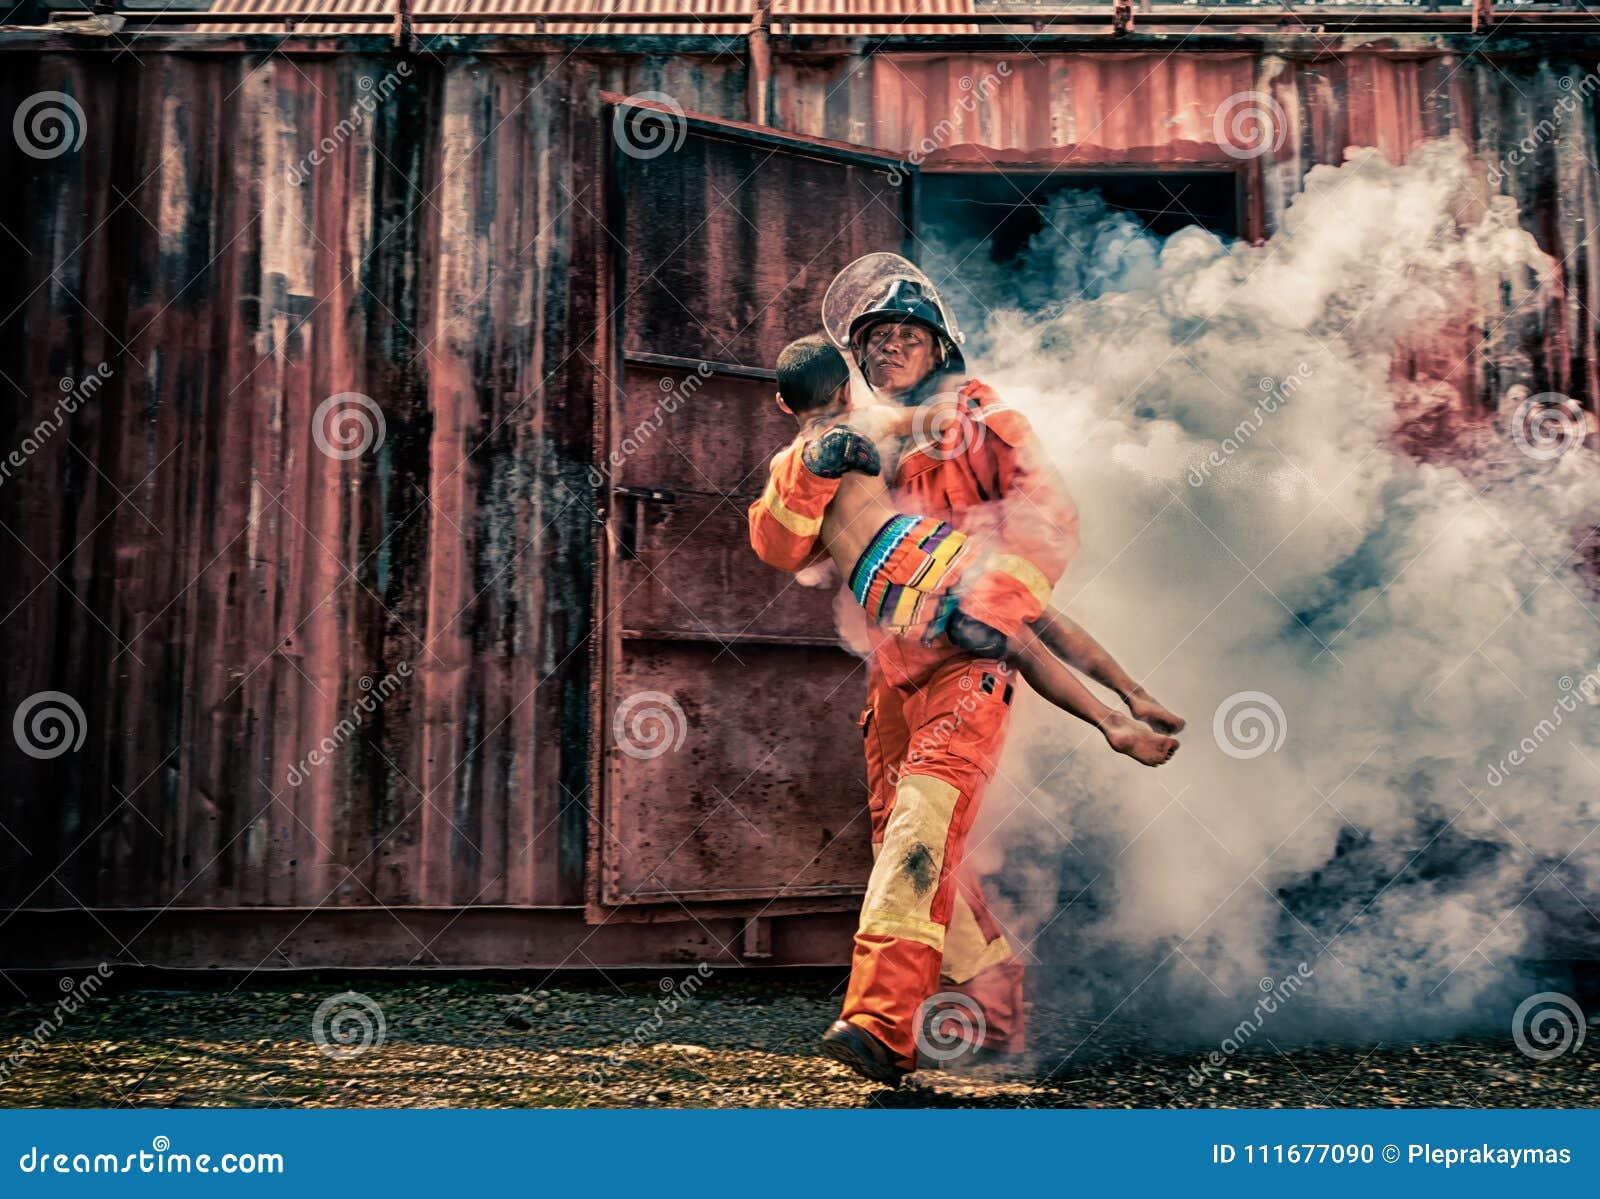 Nagłego wypadku ogienia ratuneku szkolenie, strażacy save chłopiec od bu